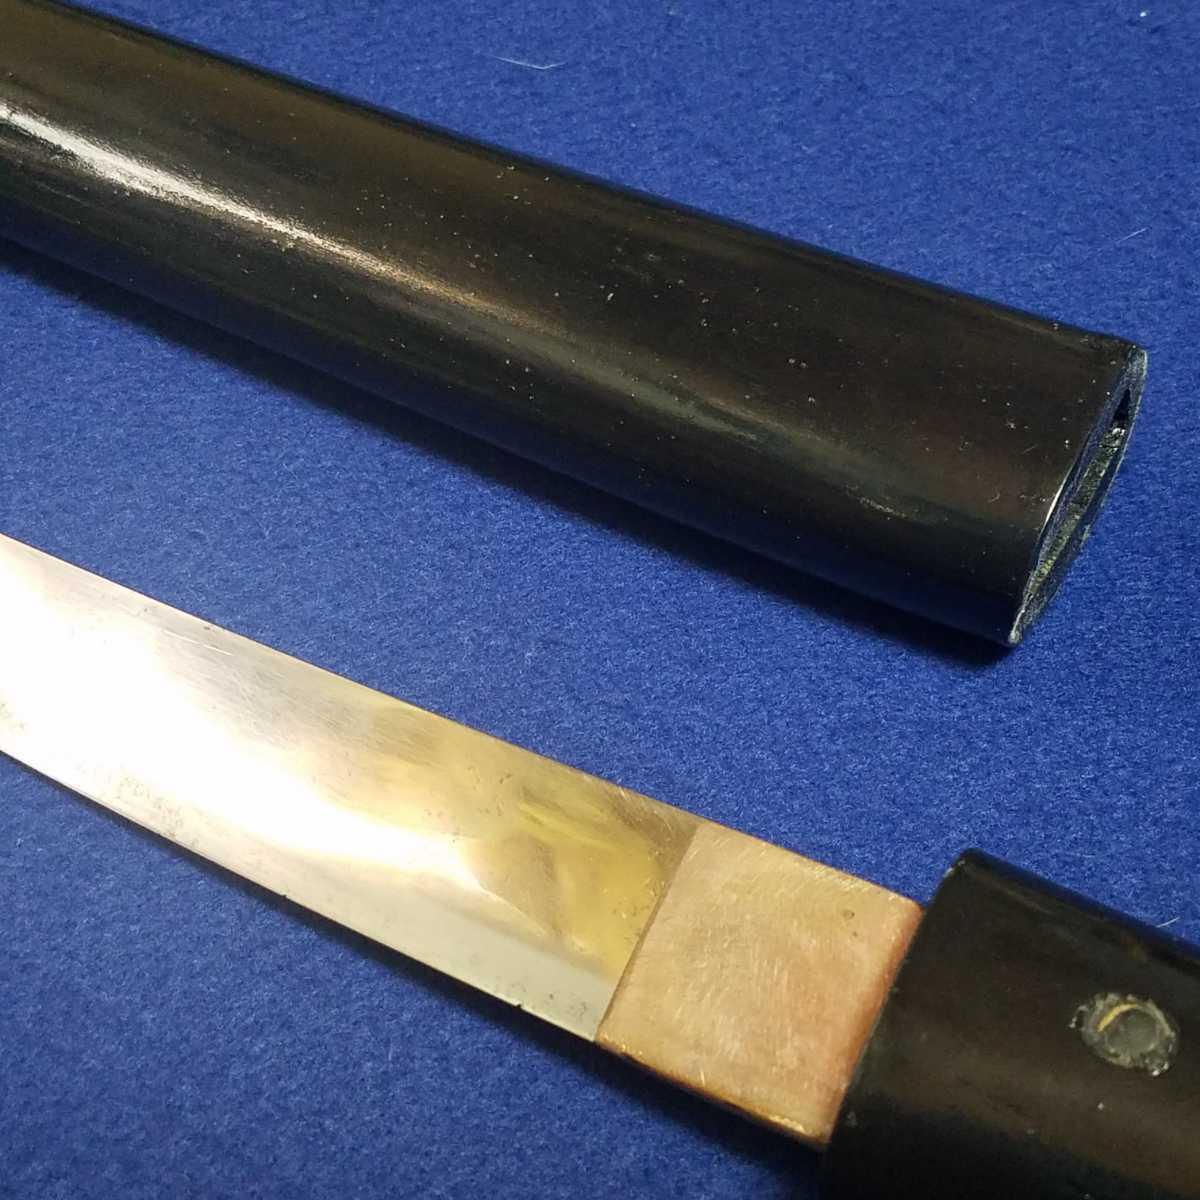 ■短刀■14.95cm■合法サイズ■日本刀、刀、刀剣、侍、武士、武具■a687_画像3